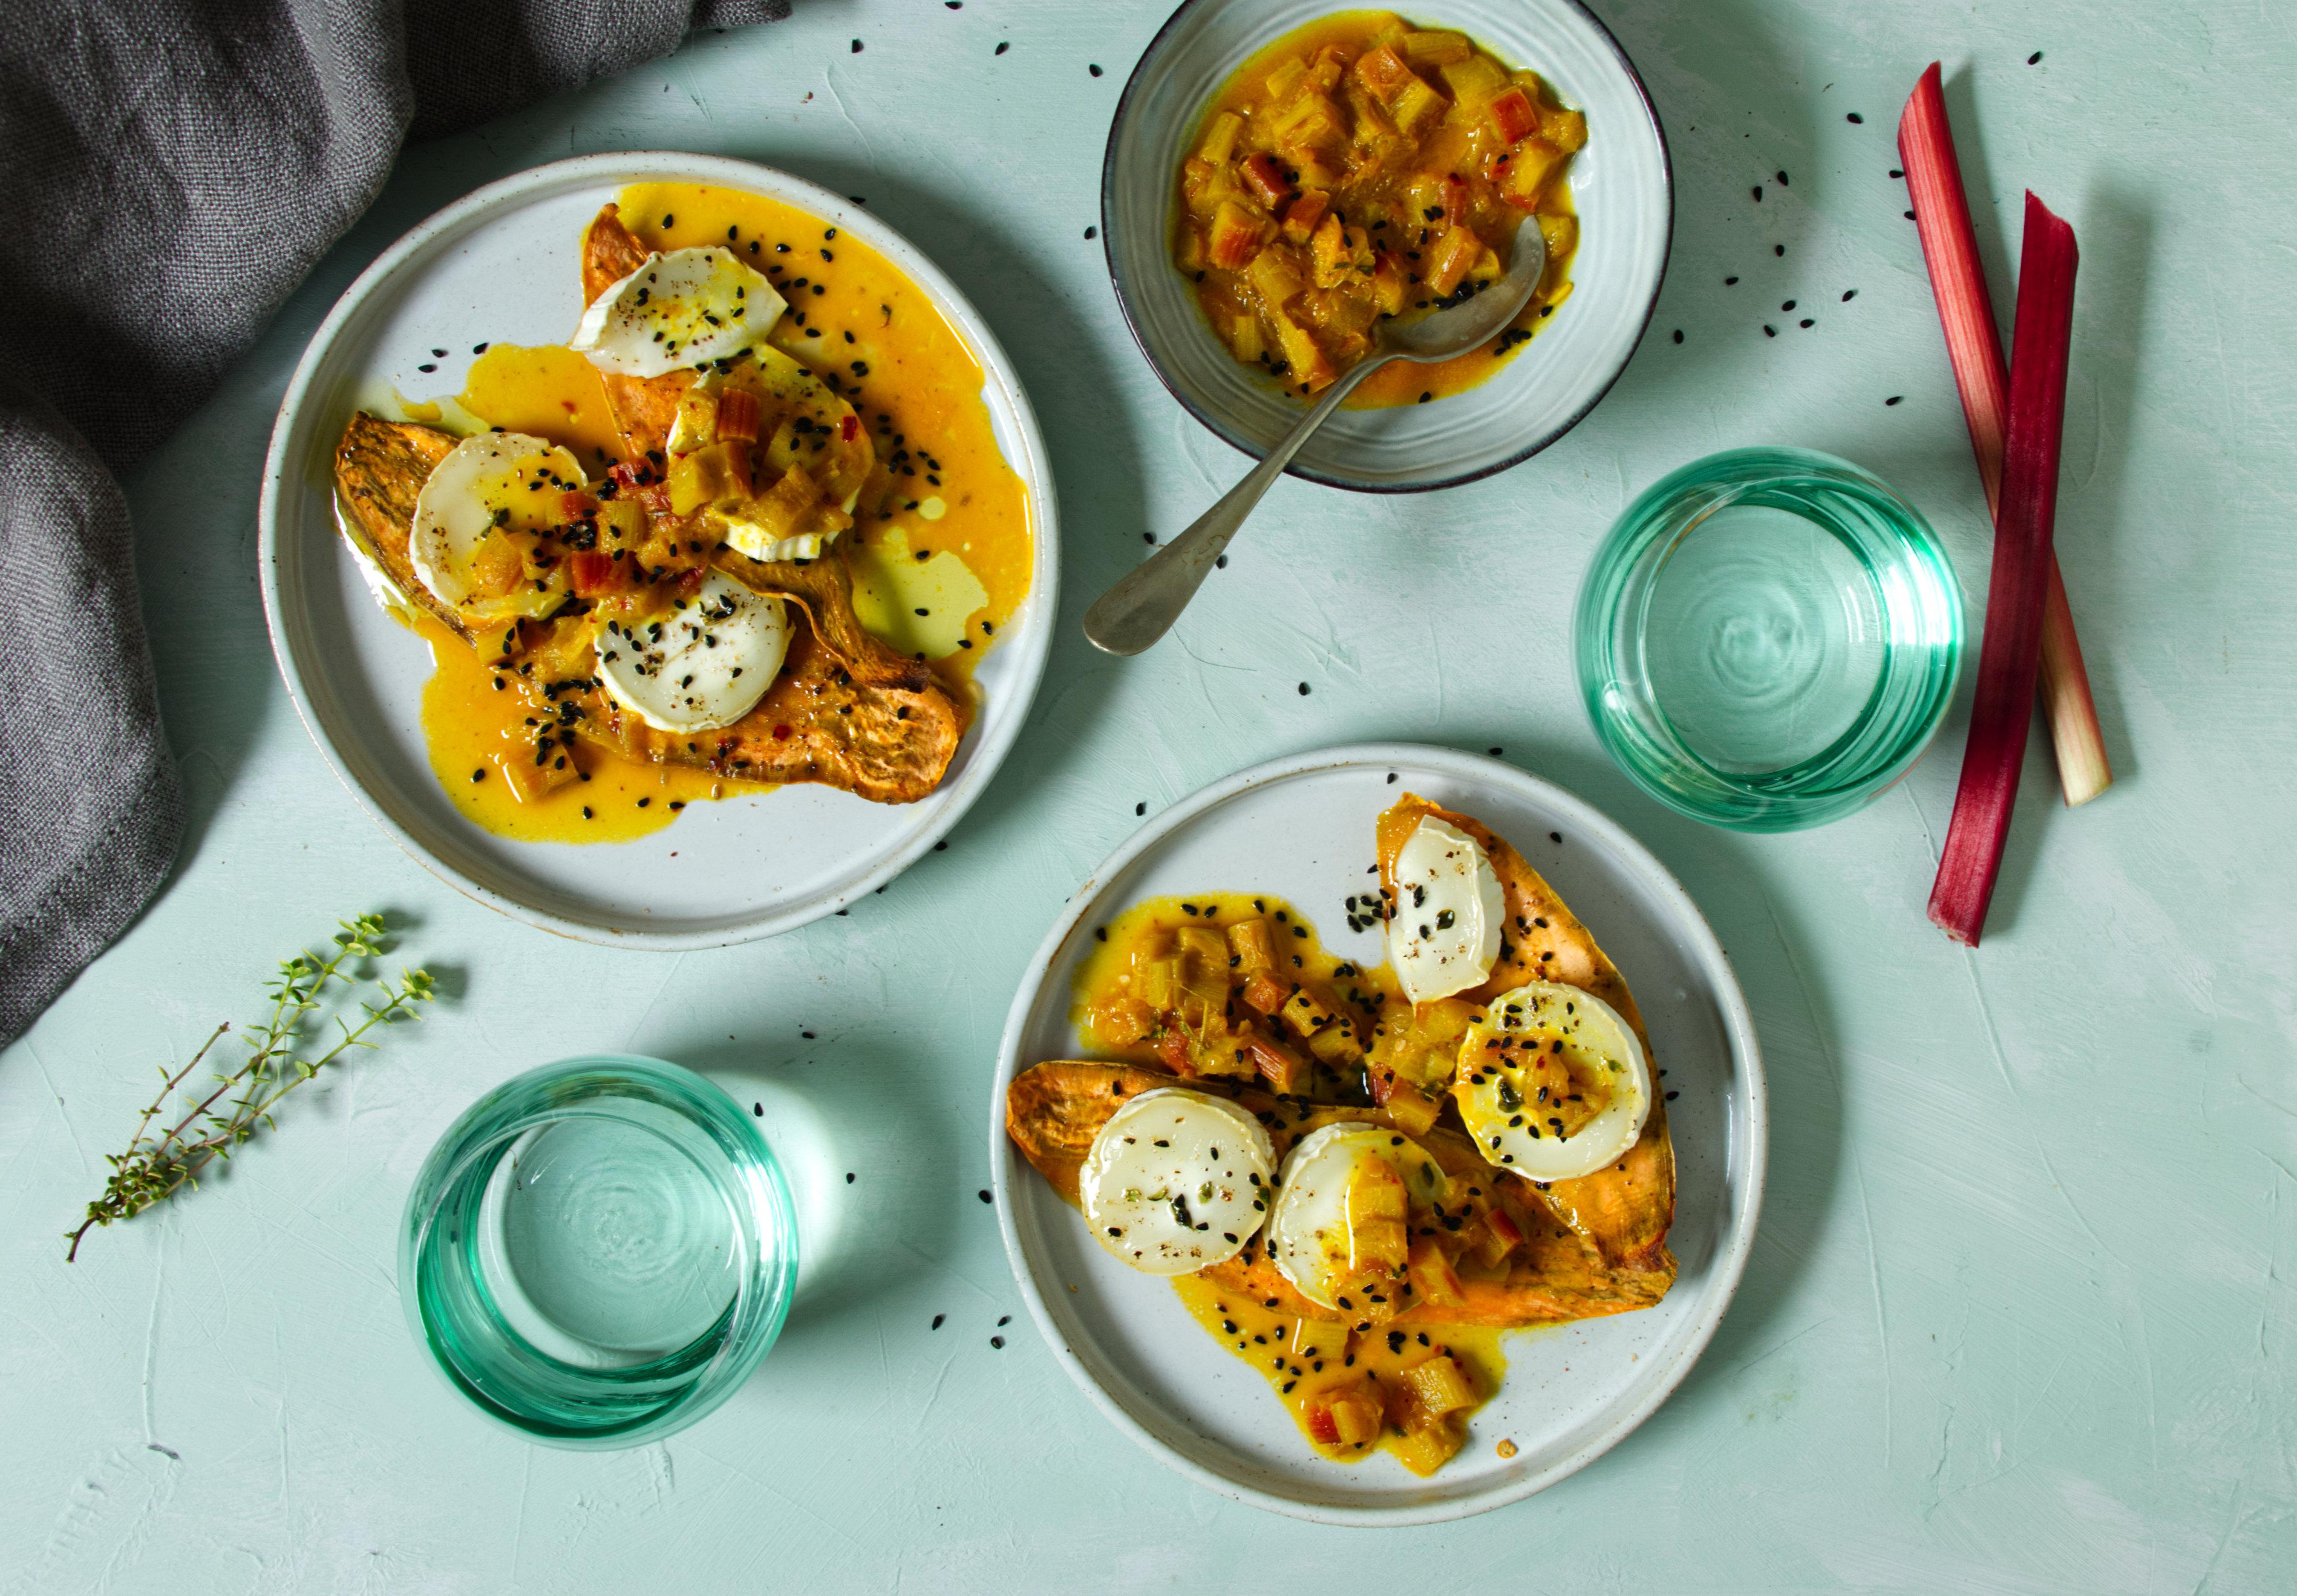 Süßkartoffeltoast mit Ziegenkäse und Rhabarber-Chutney